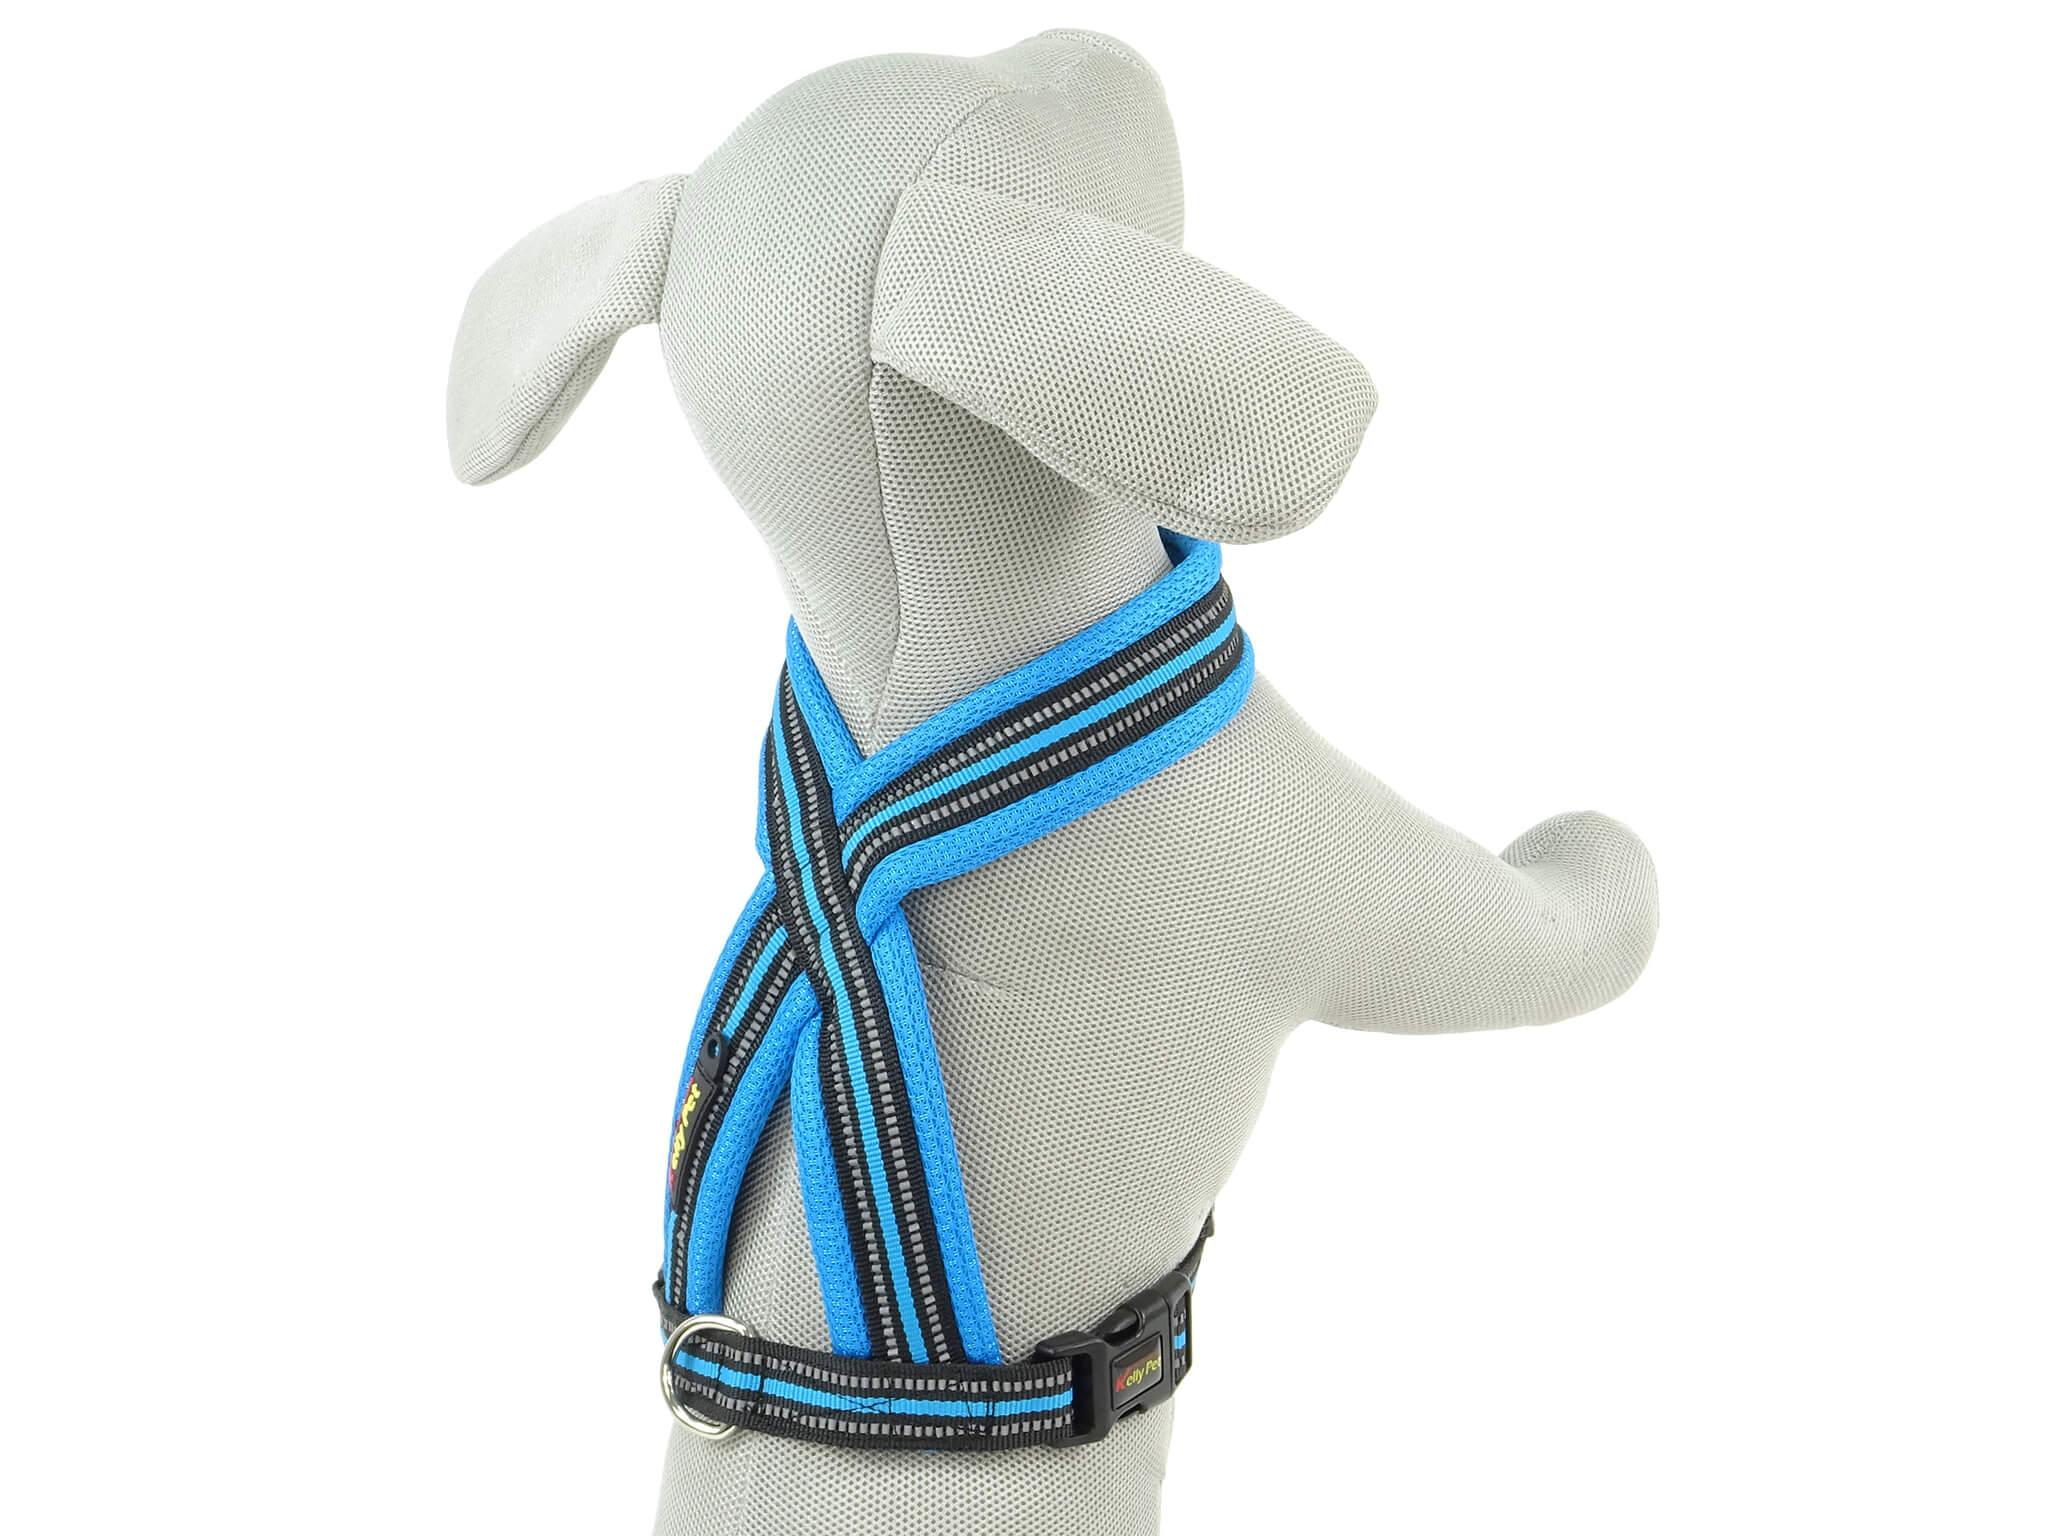 Vsepropejska Ryan reflexní postroj pro psa do | 43 – 72 cm Barva: Modrá, Obvod hrudníku: 52 - 64 cm